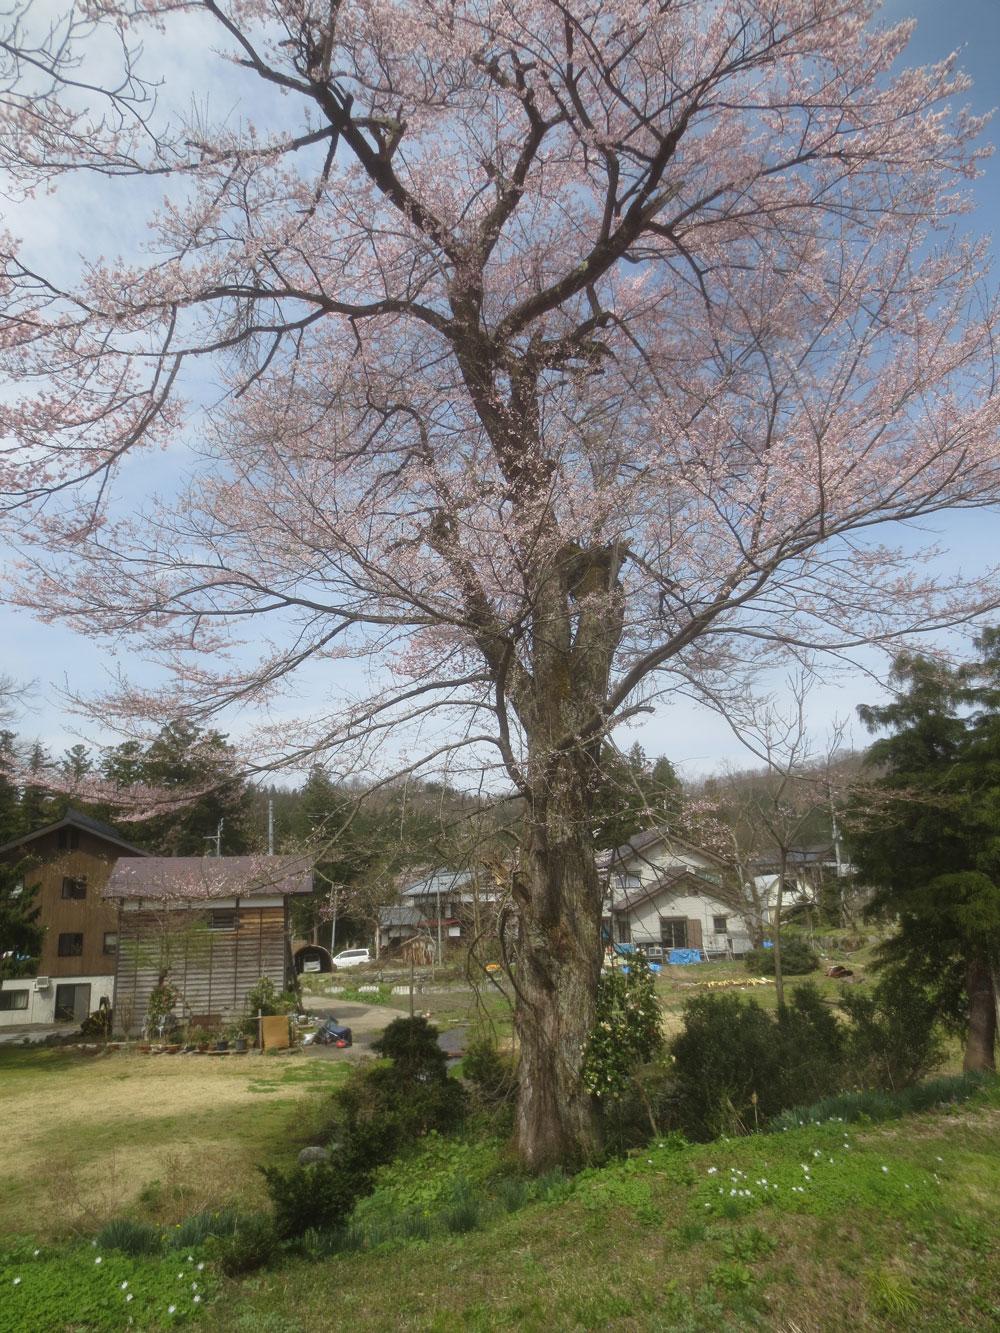 http://hakkaisan-photo.com/tomomiti/2016/04/10/h28-4-9/IMG_2160.jpg